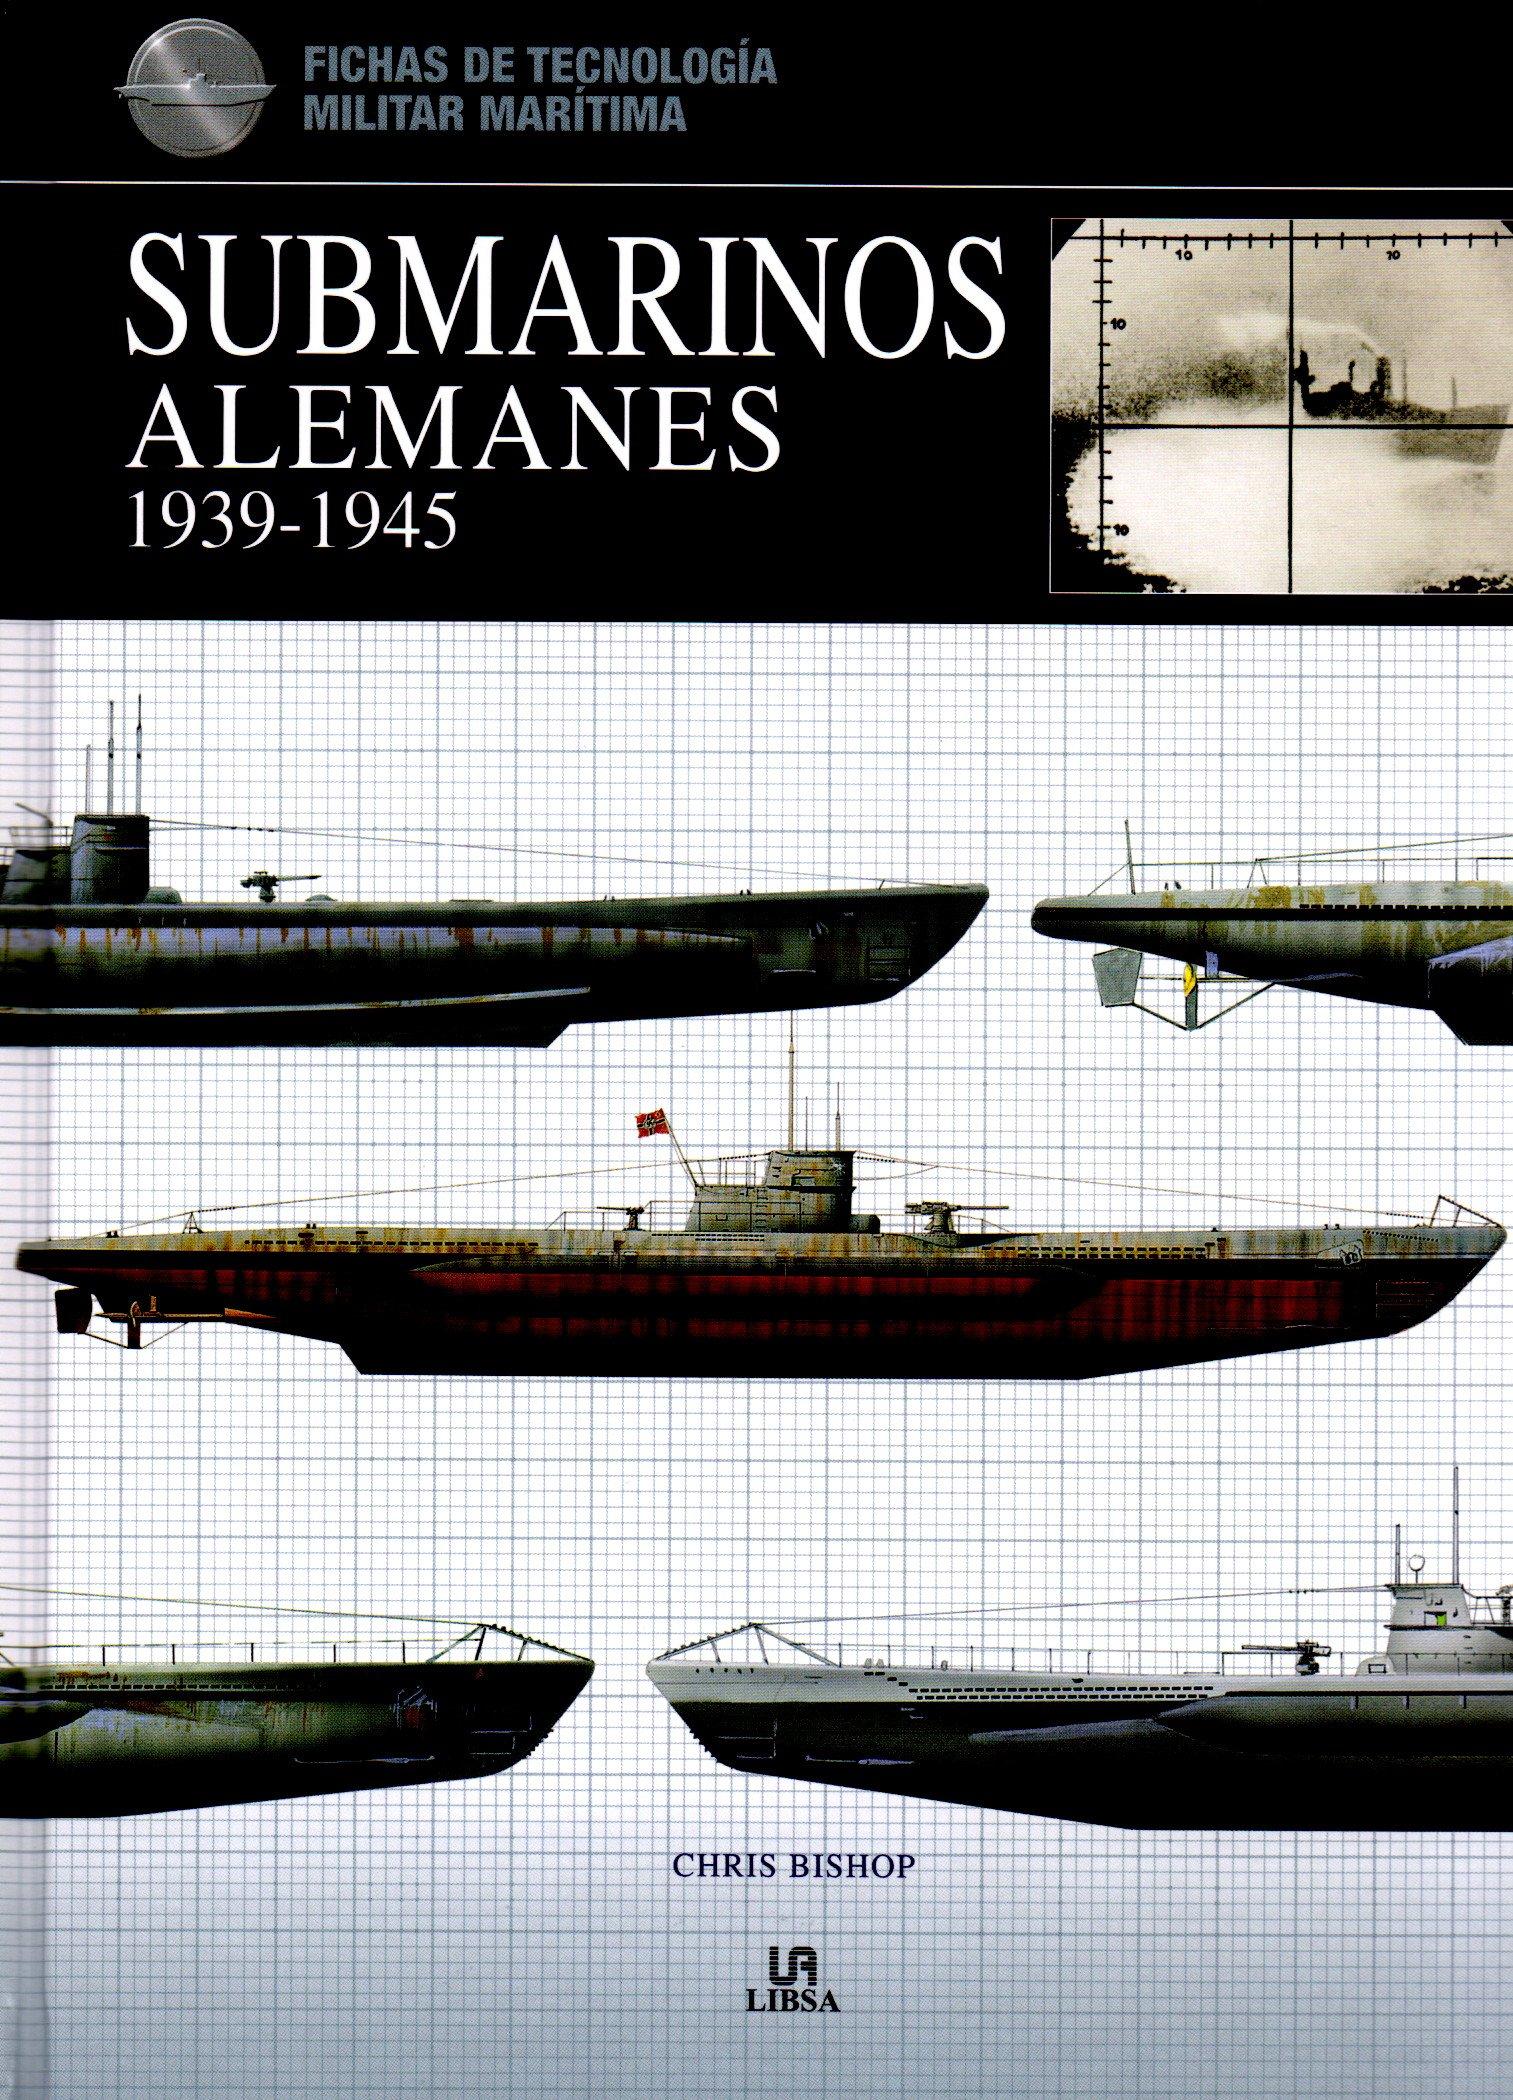 Submarinos Alemanes 1939-1945 (Fichas de Tecnología Militar) Tapa dura – 12 jun 2012 Chris Bishop Alfredo Martín Comps Libsa 8466224416